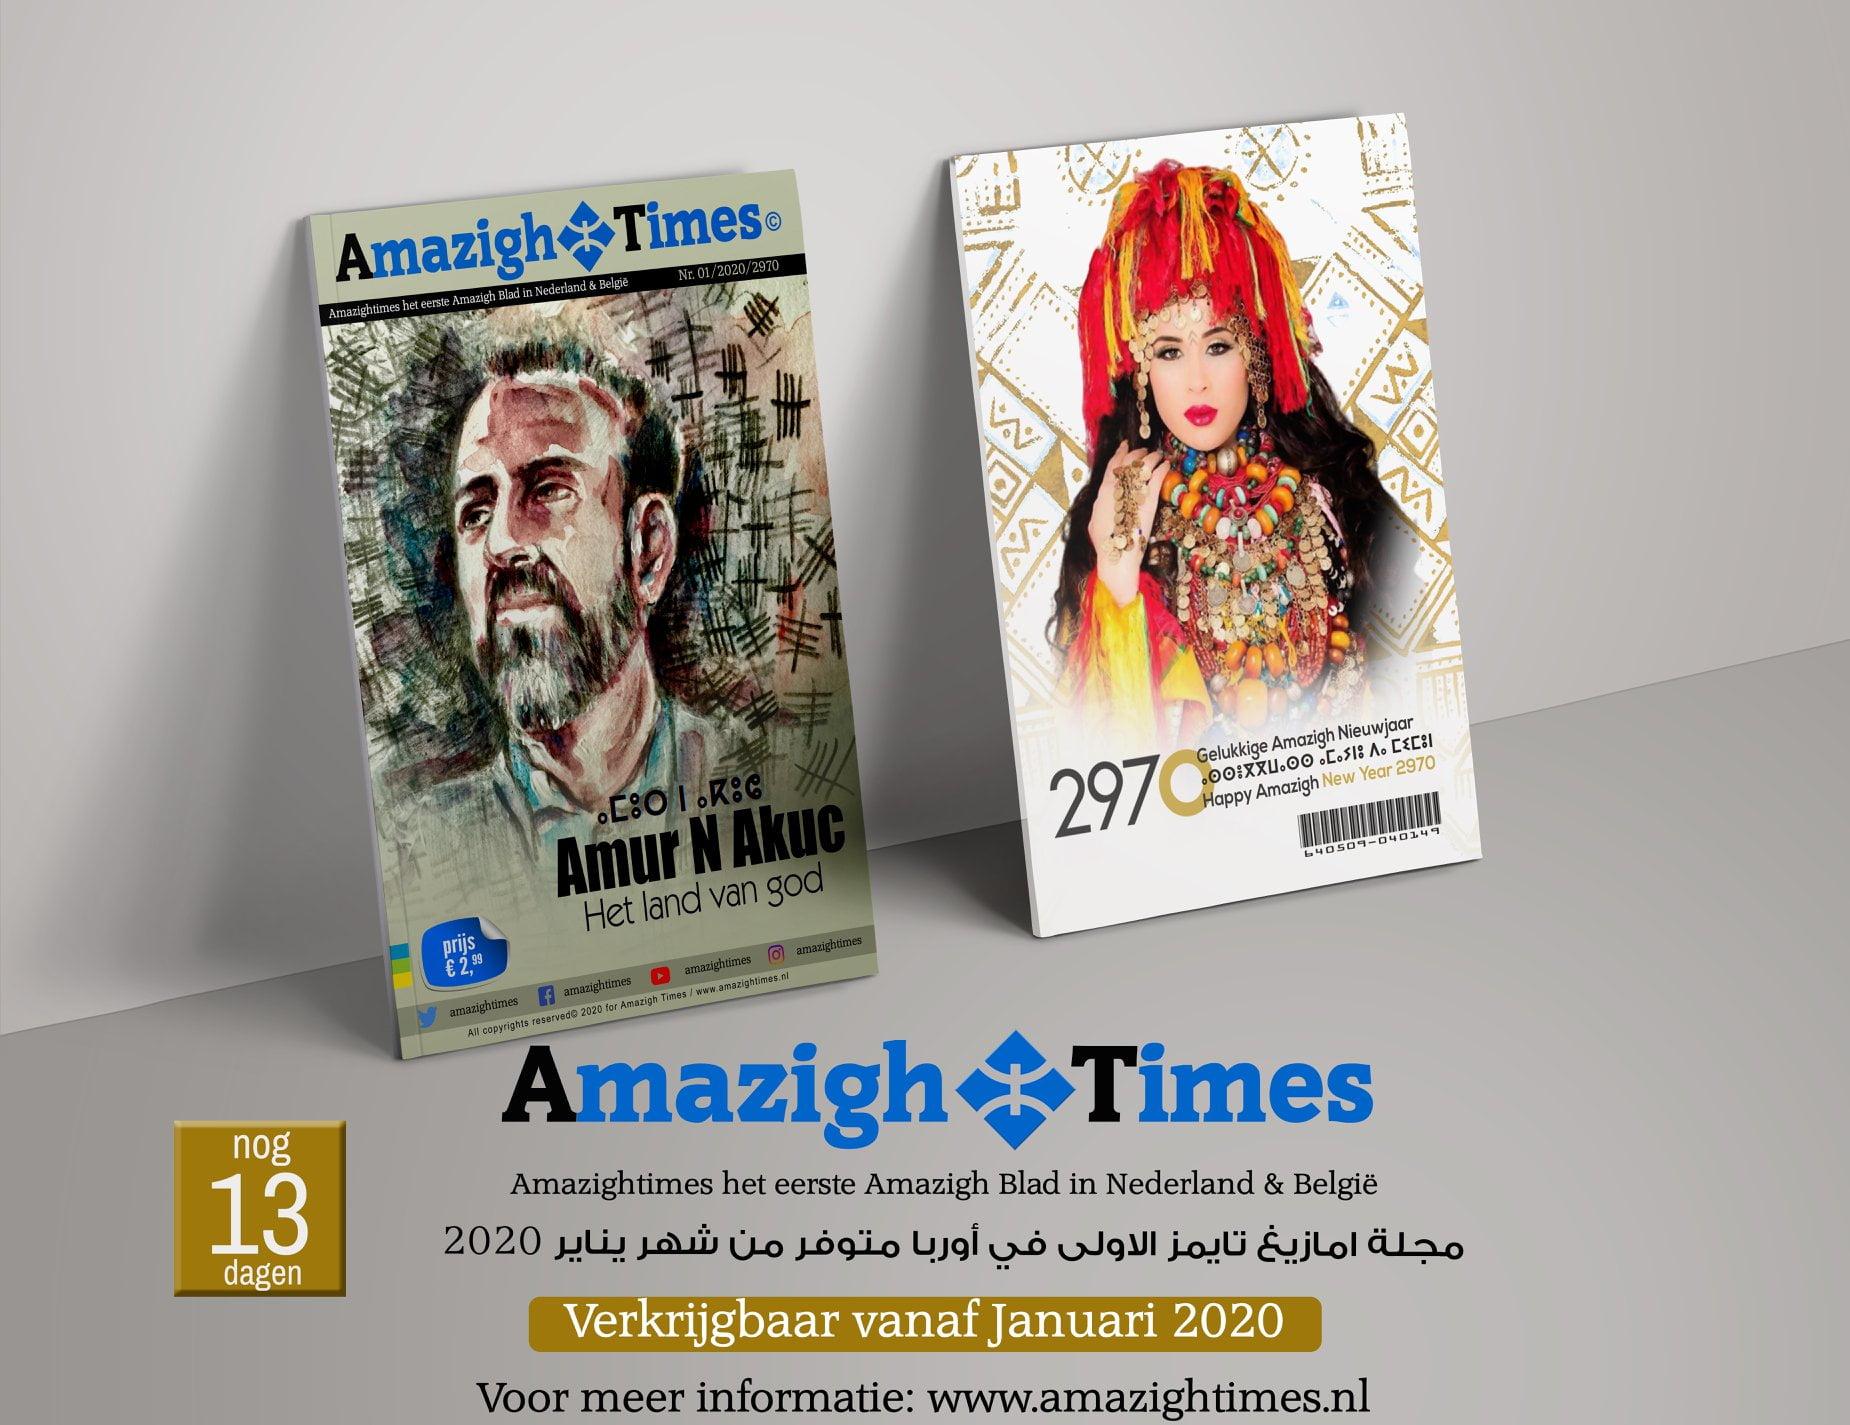 Amazightimes tijdschrift het land van god